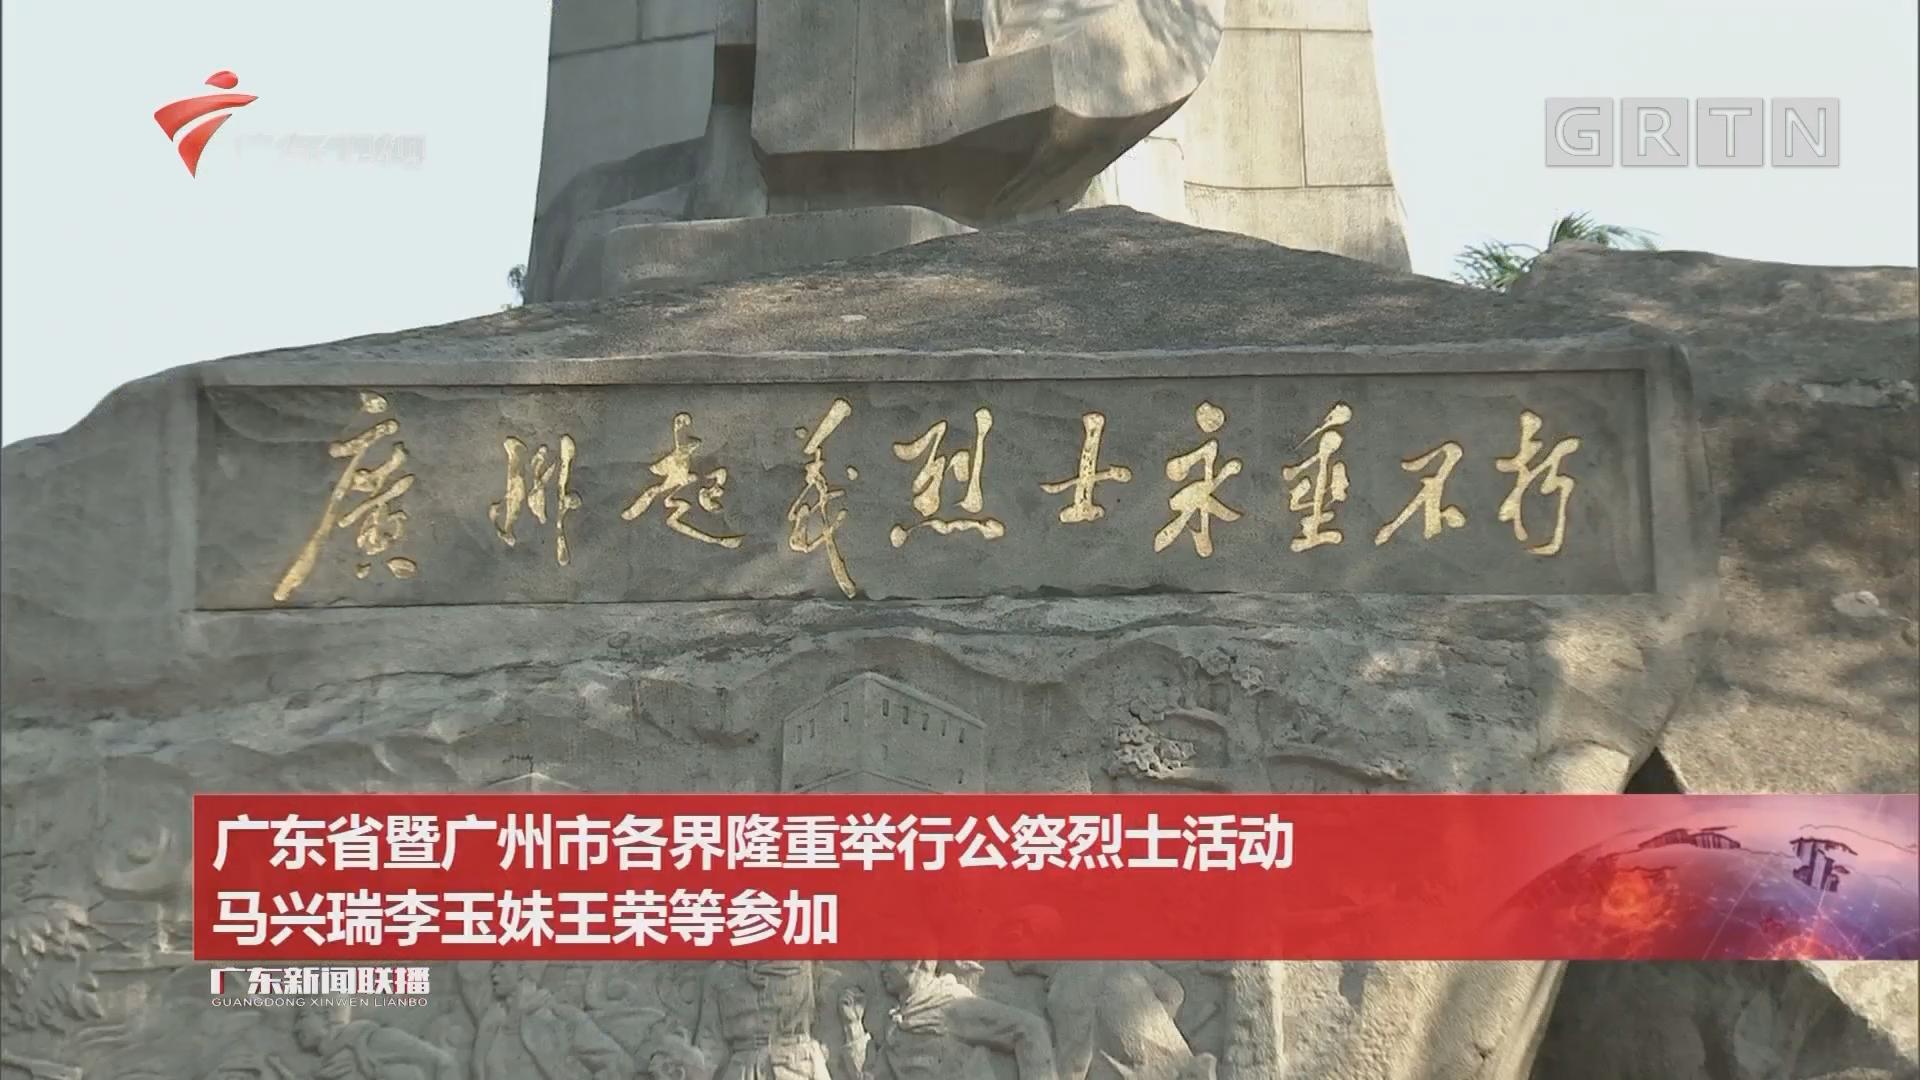 广东省暨广州市各界隆重举行公祭烈士活动 马兴瑞李玉妹王荣等参加